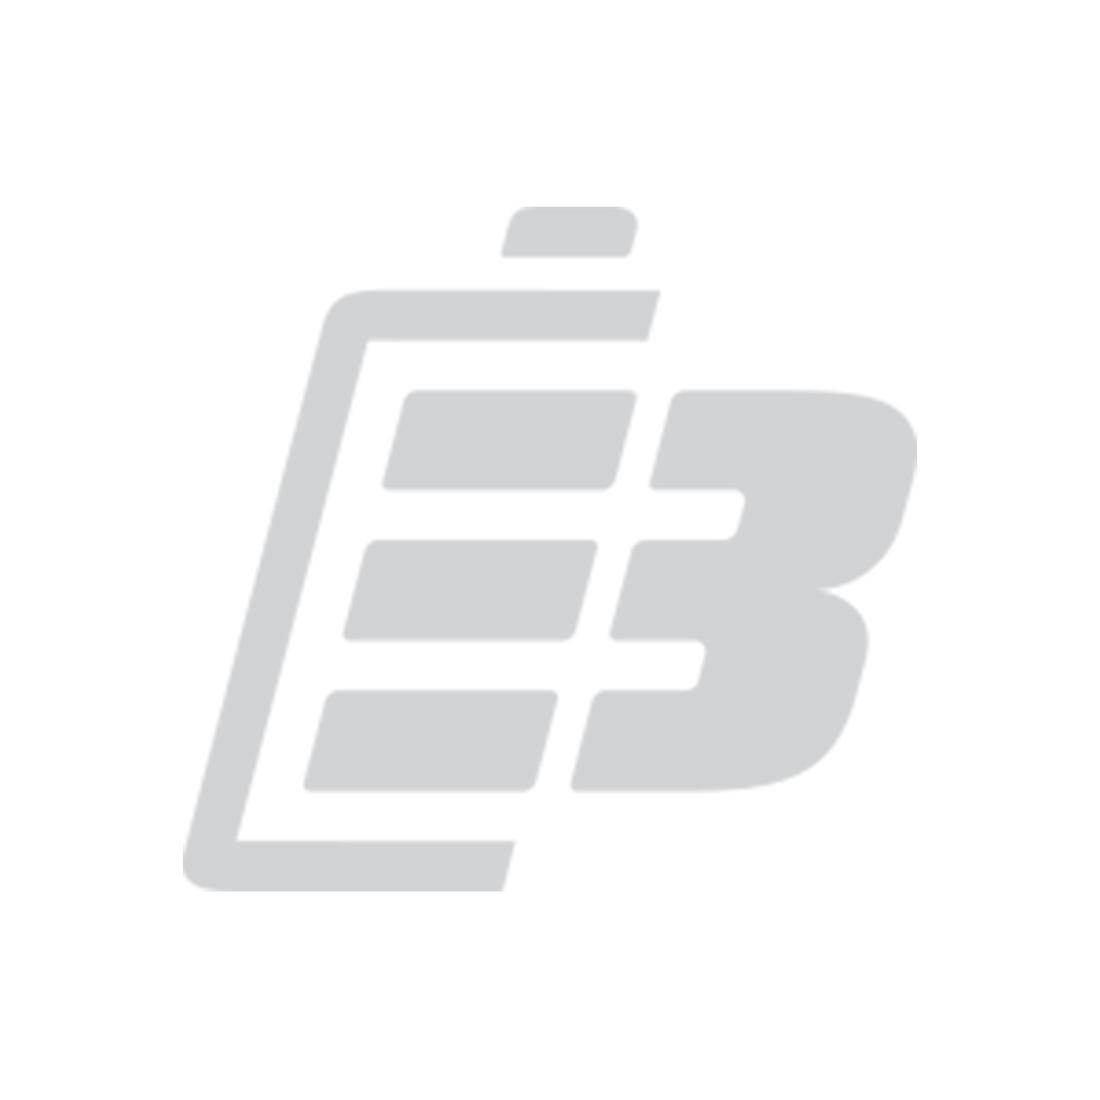 Μπαταρία ασύρματου τηλεφώνου Sony BP-T38_1